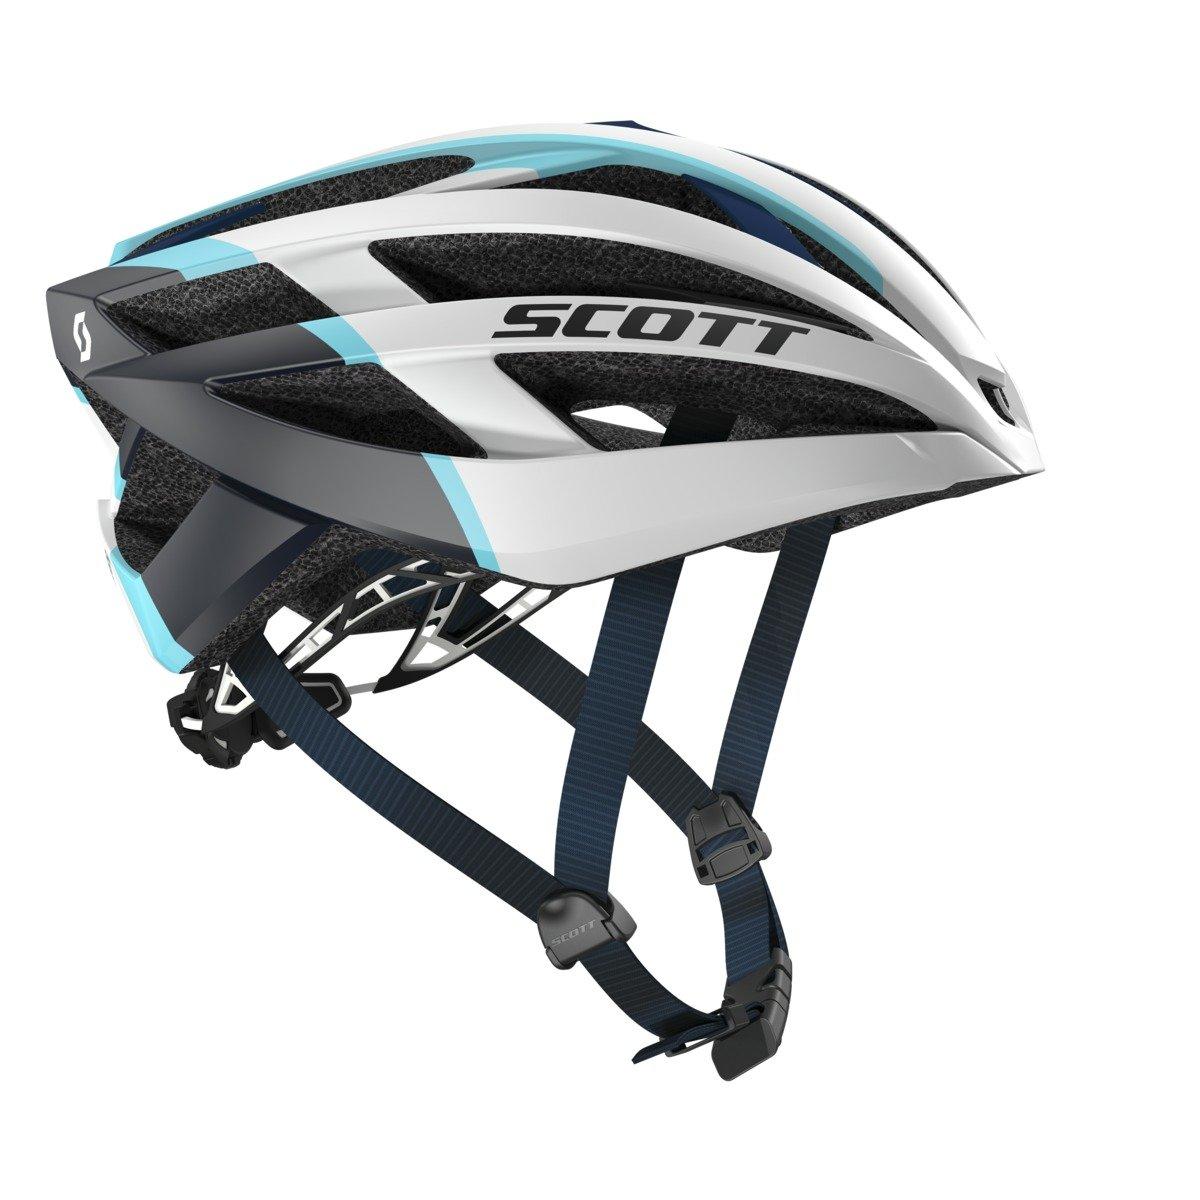 SCOTT(スコット) ヘルメット 自転車用ヘルメット Wit-R (CE) 2301472809008 ホワイト、ブルーマット L   B014I90L7U